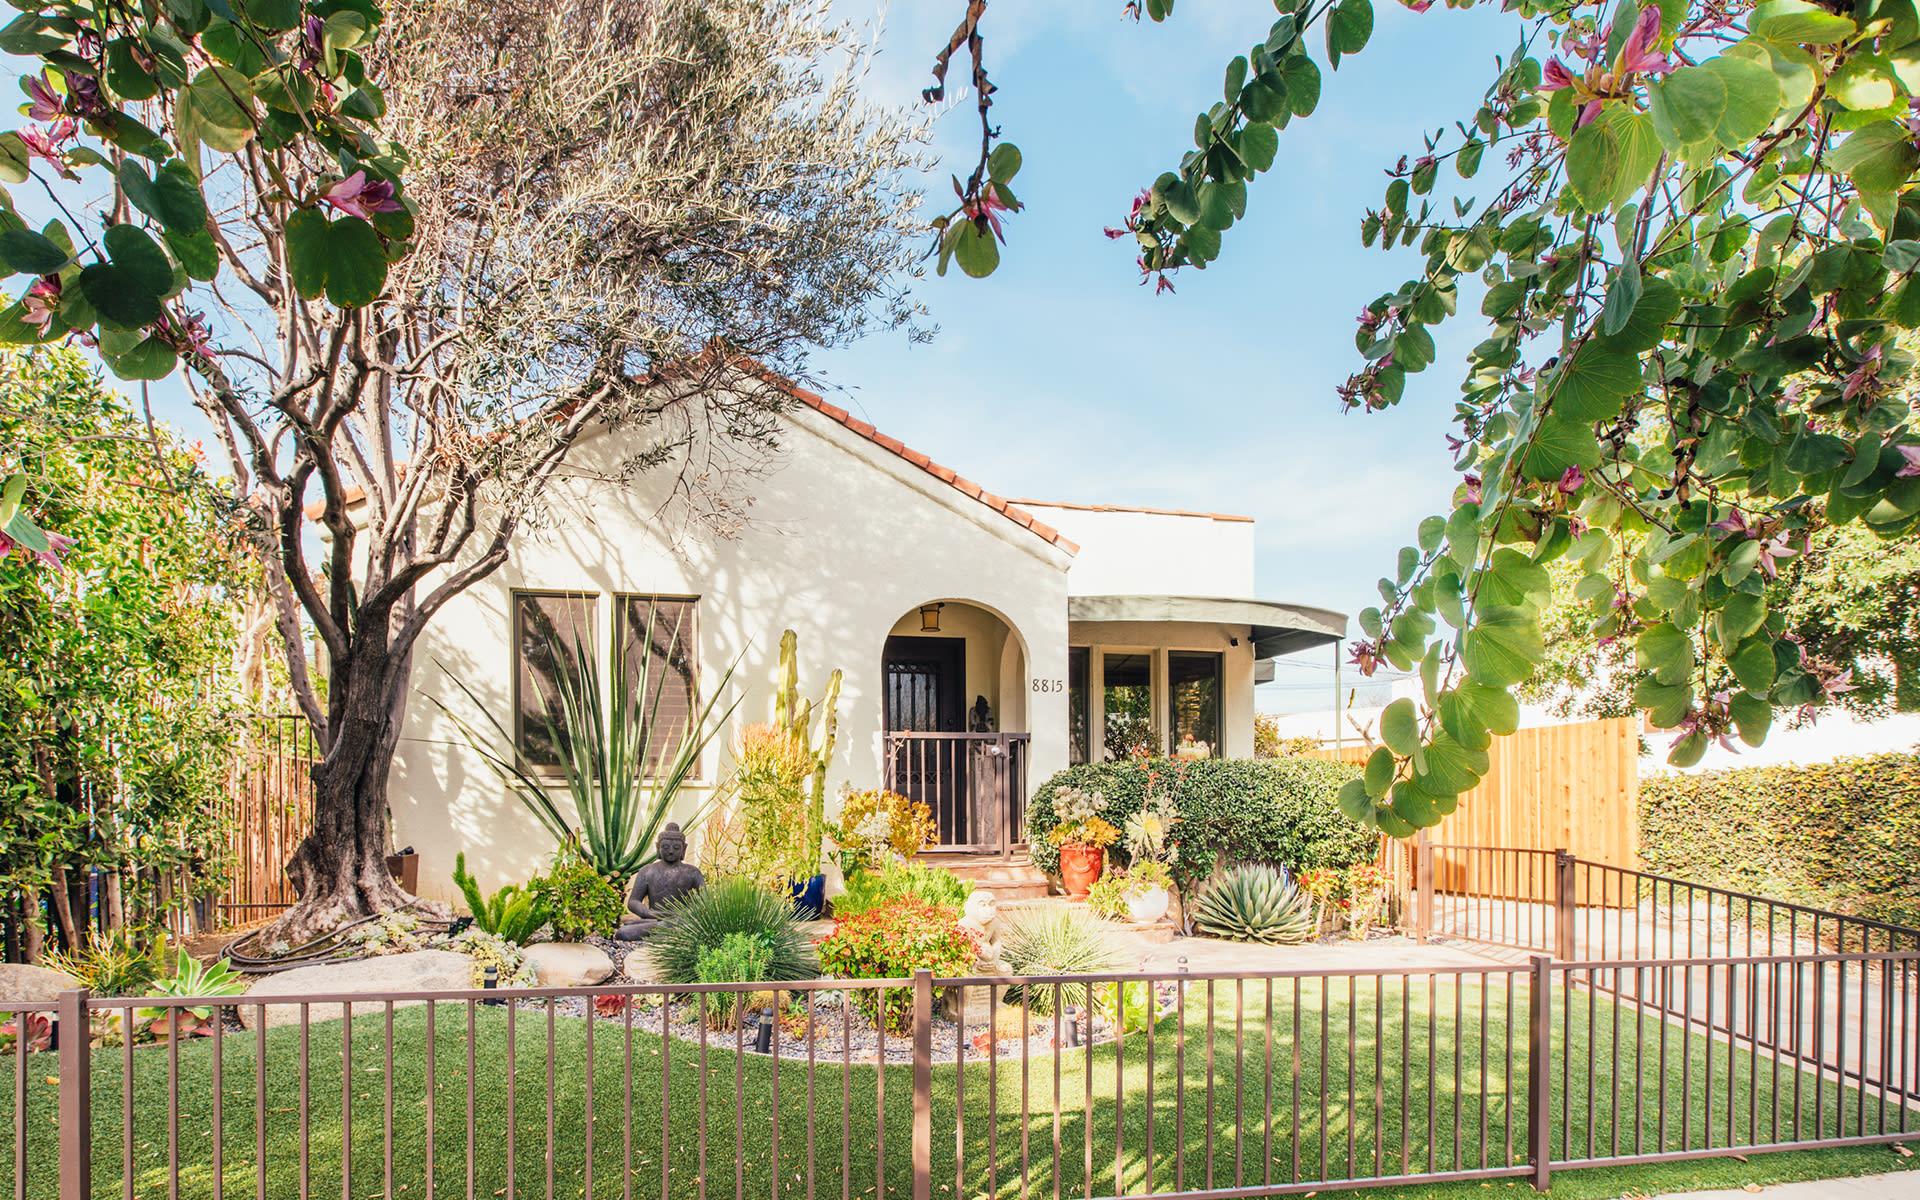 Maison unifamiliale pour l Vente à 8815 Rosewood Ave 8815 Rosewood Ave West Hollywood, Californie,90048 États-Unis